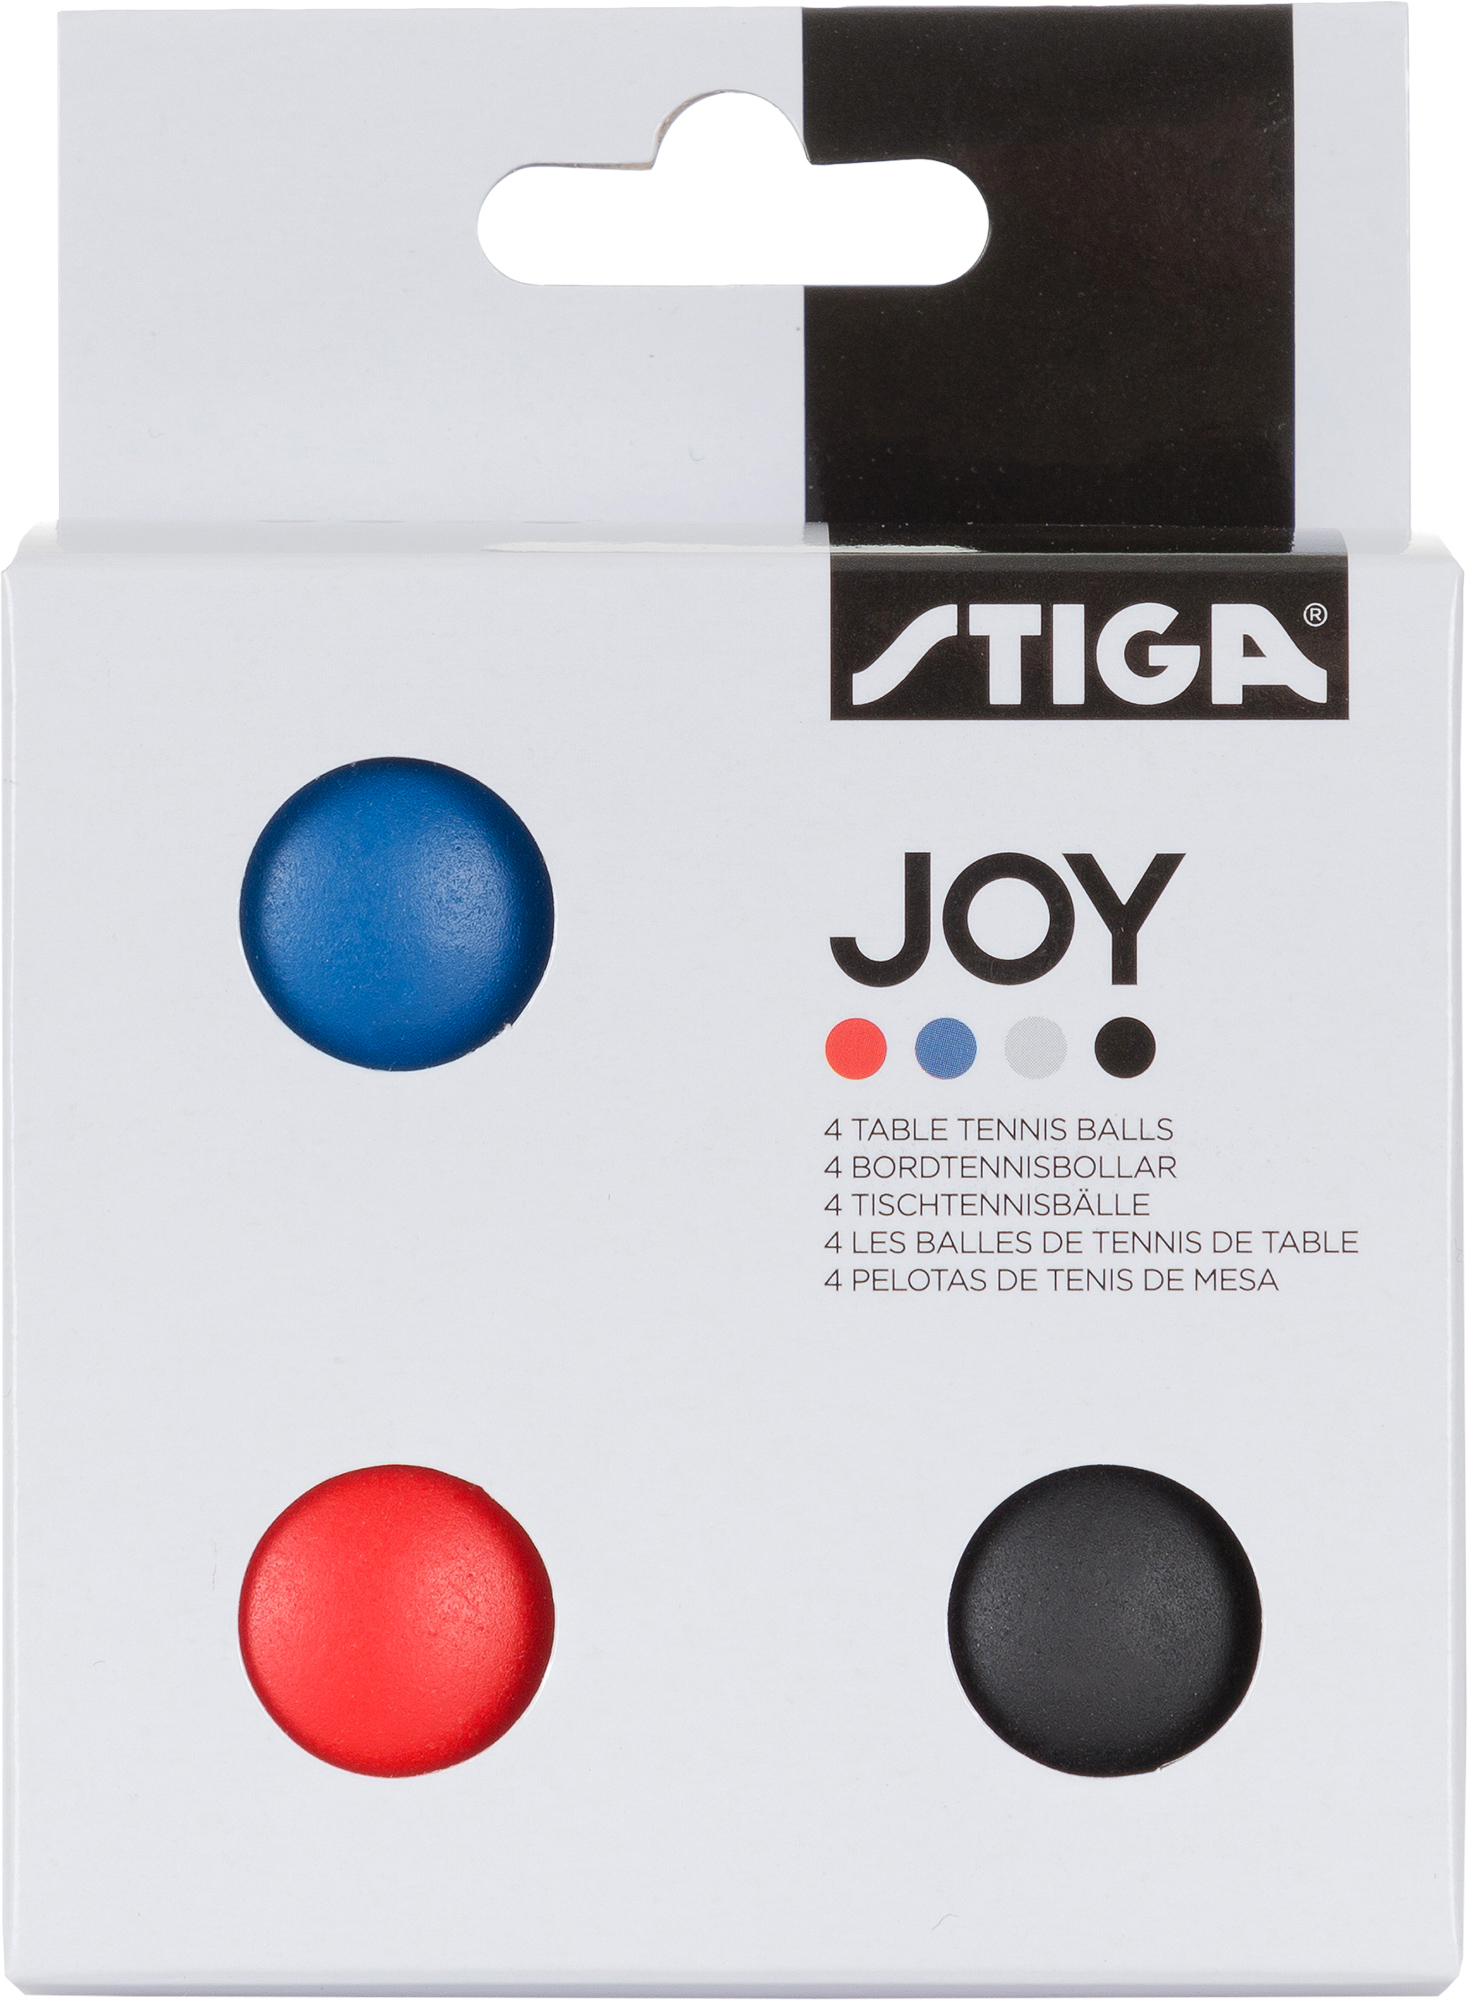 Stiga Мячи для настольного тенниса Stiga JOY, 4 шт., размер Без размера